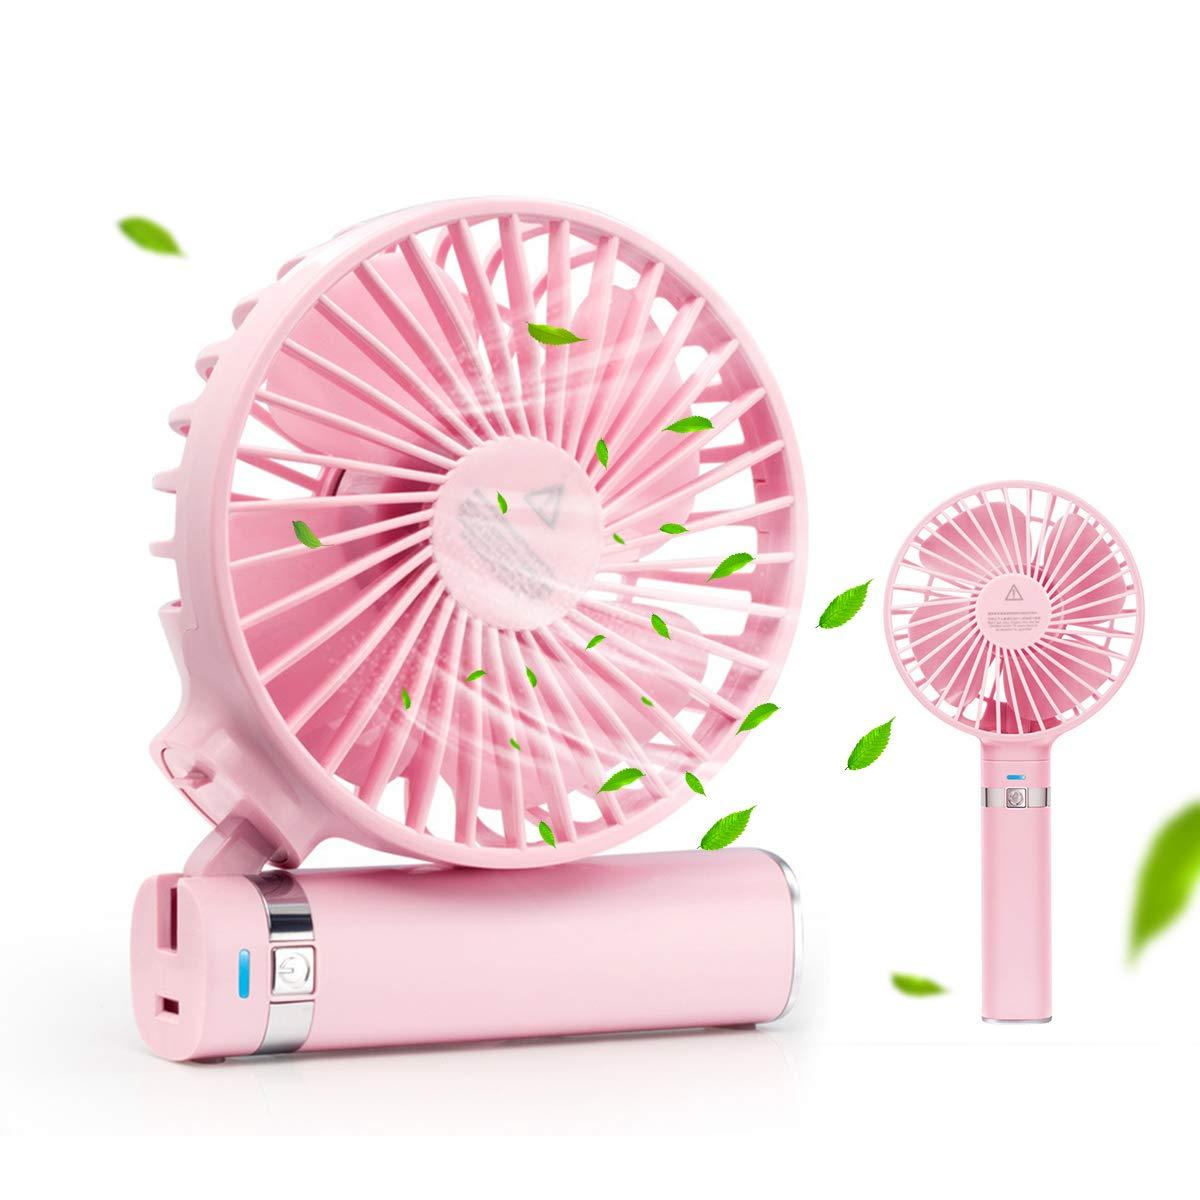 Yigou Hand Held Fan, USB Mini Fan Personal Portable Fan 2600mAh Rechargeable Battery Operated 3 Speed Adjustable Quiet Desk Folding Fan for Office Home Outdoor Travel